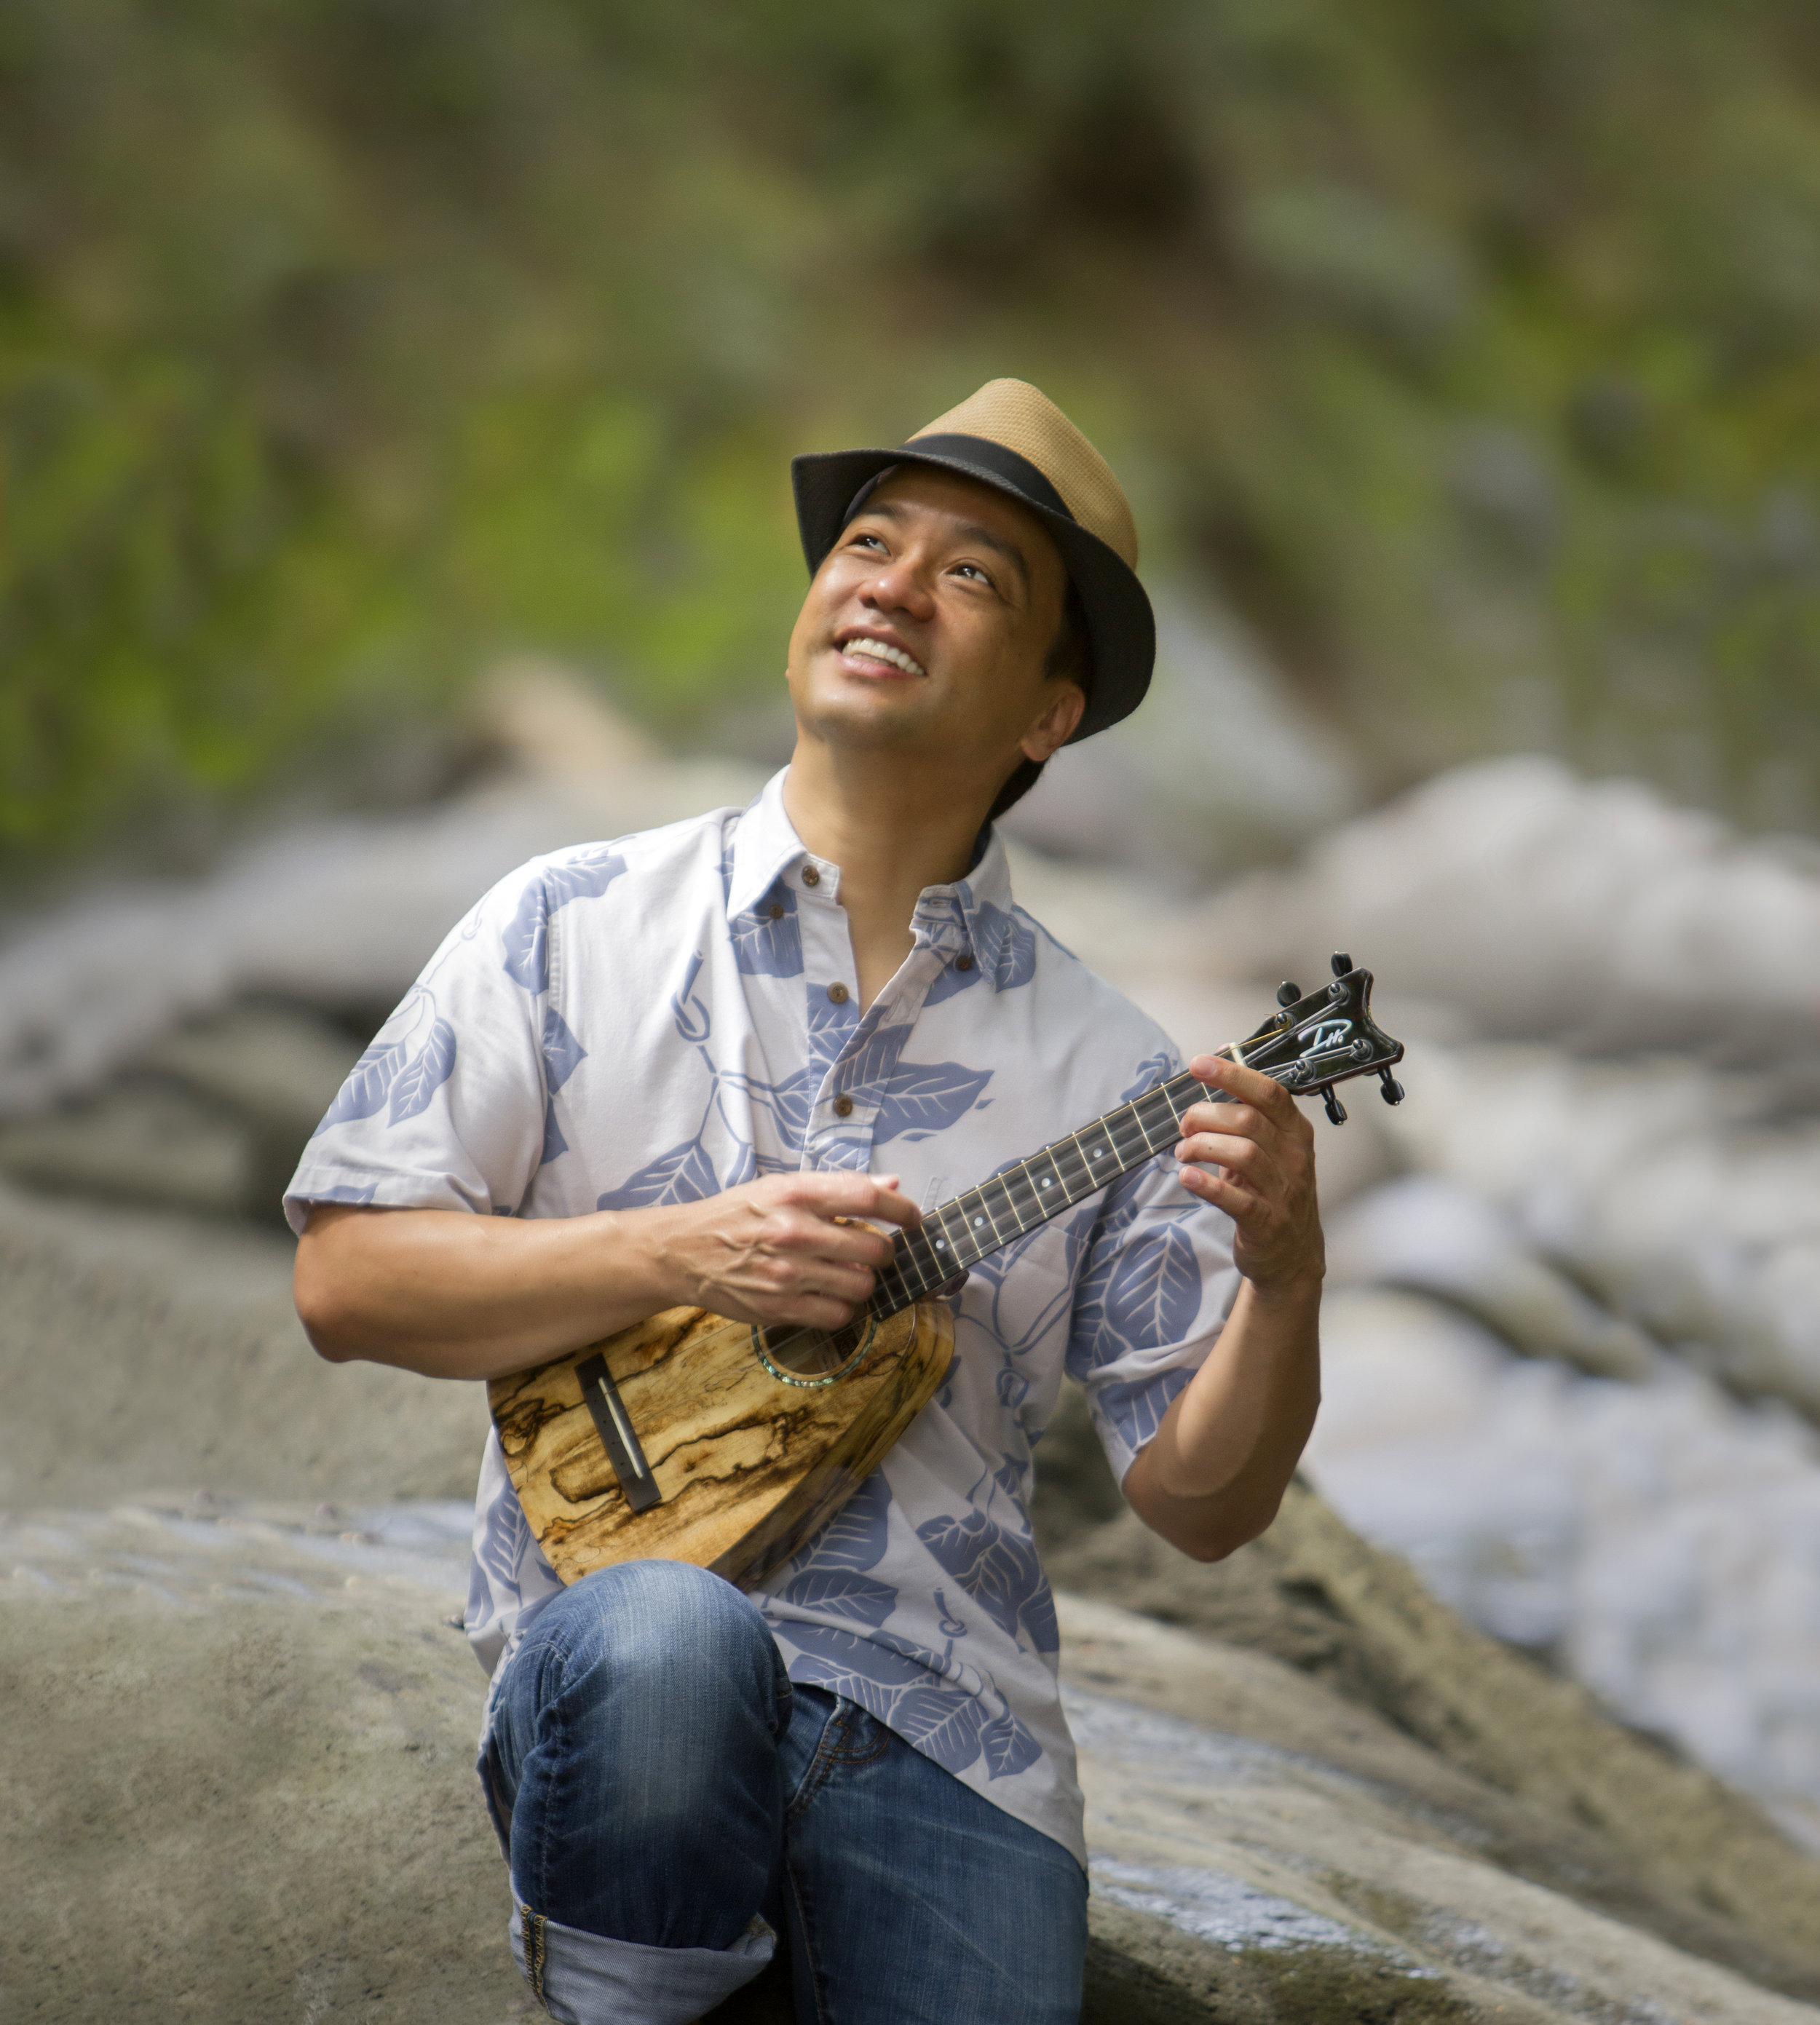 Daniel Ho With A Tiny Tenor Ukulele At Iao Valley, Maui